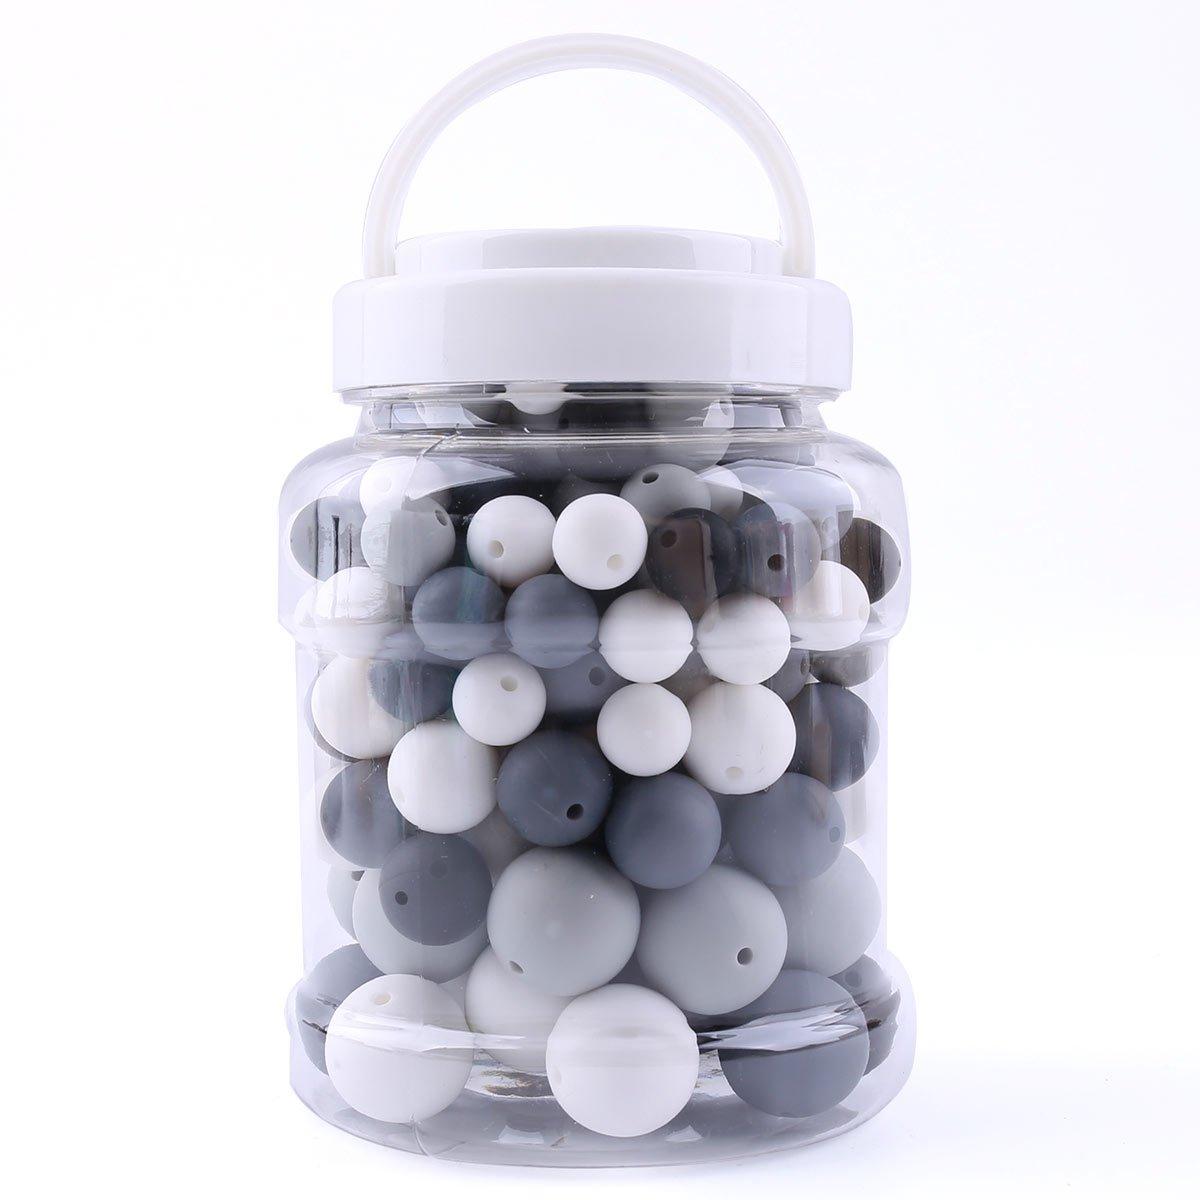 12-20mm baby tete Silikon Kinderkrankheiten Perlen Runde kaubare 200pcs DIY Halskette Armband Baby Schnullerkette Schmuck Komponenten Flasche BPA Frei Schwarz und Wei/ß